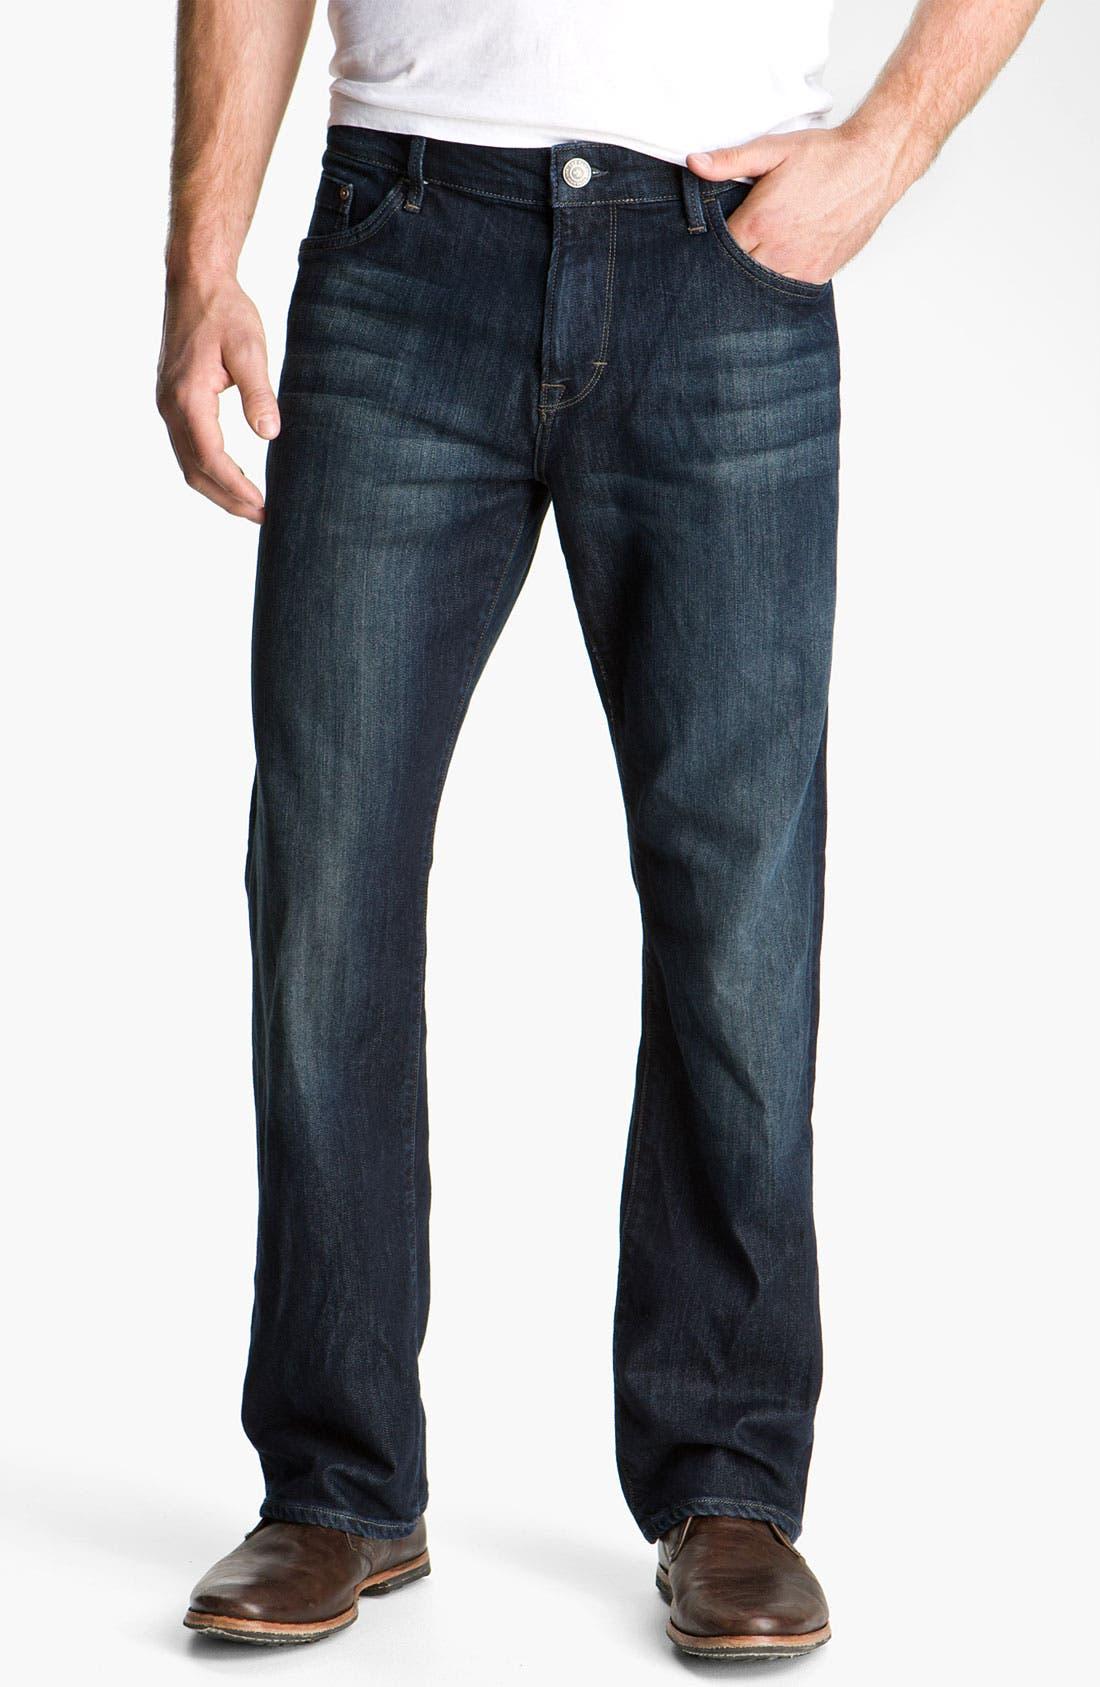 Denim & Supply Ralph Lauren Mens Skinny Jeans Mens Jeans Buy Jeans for Men COLOUR-indigo